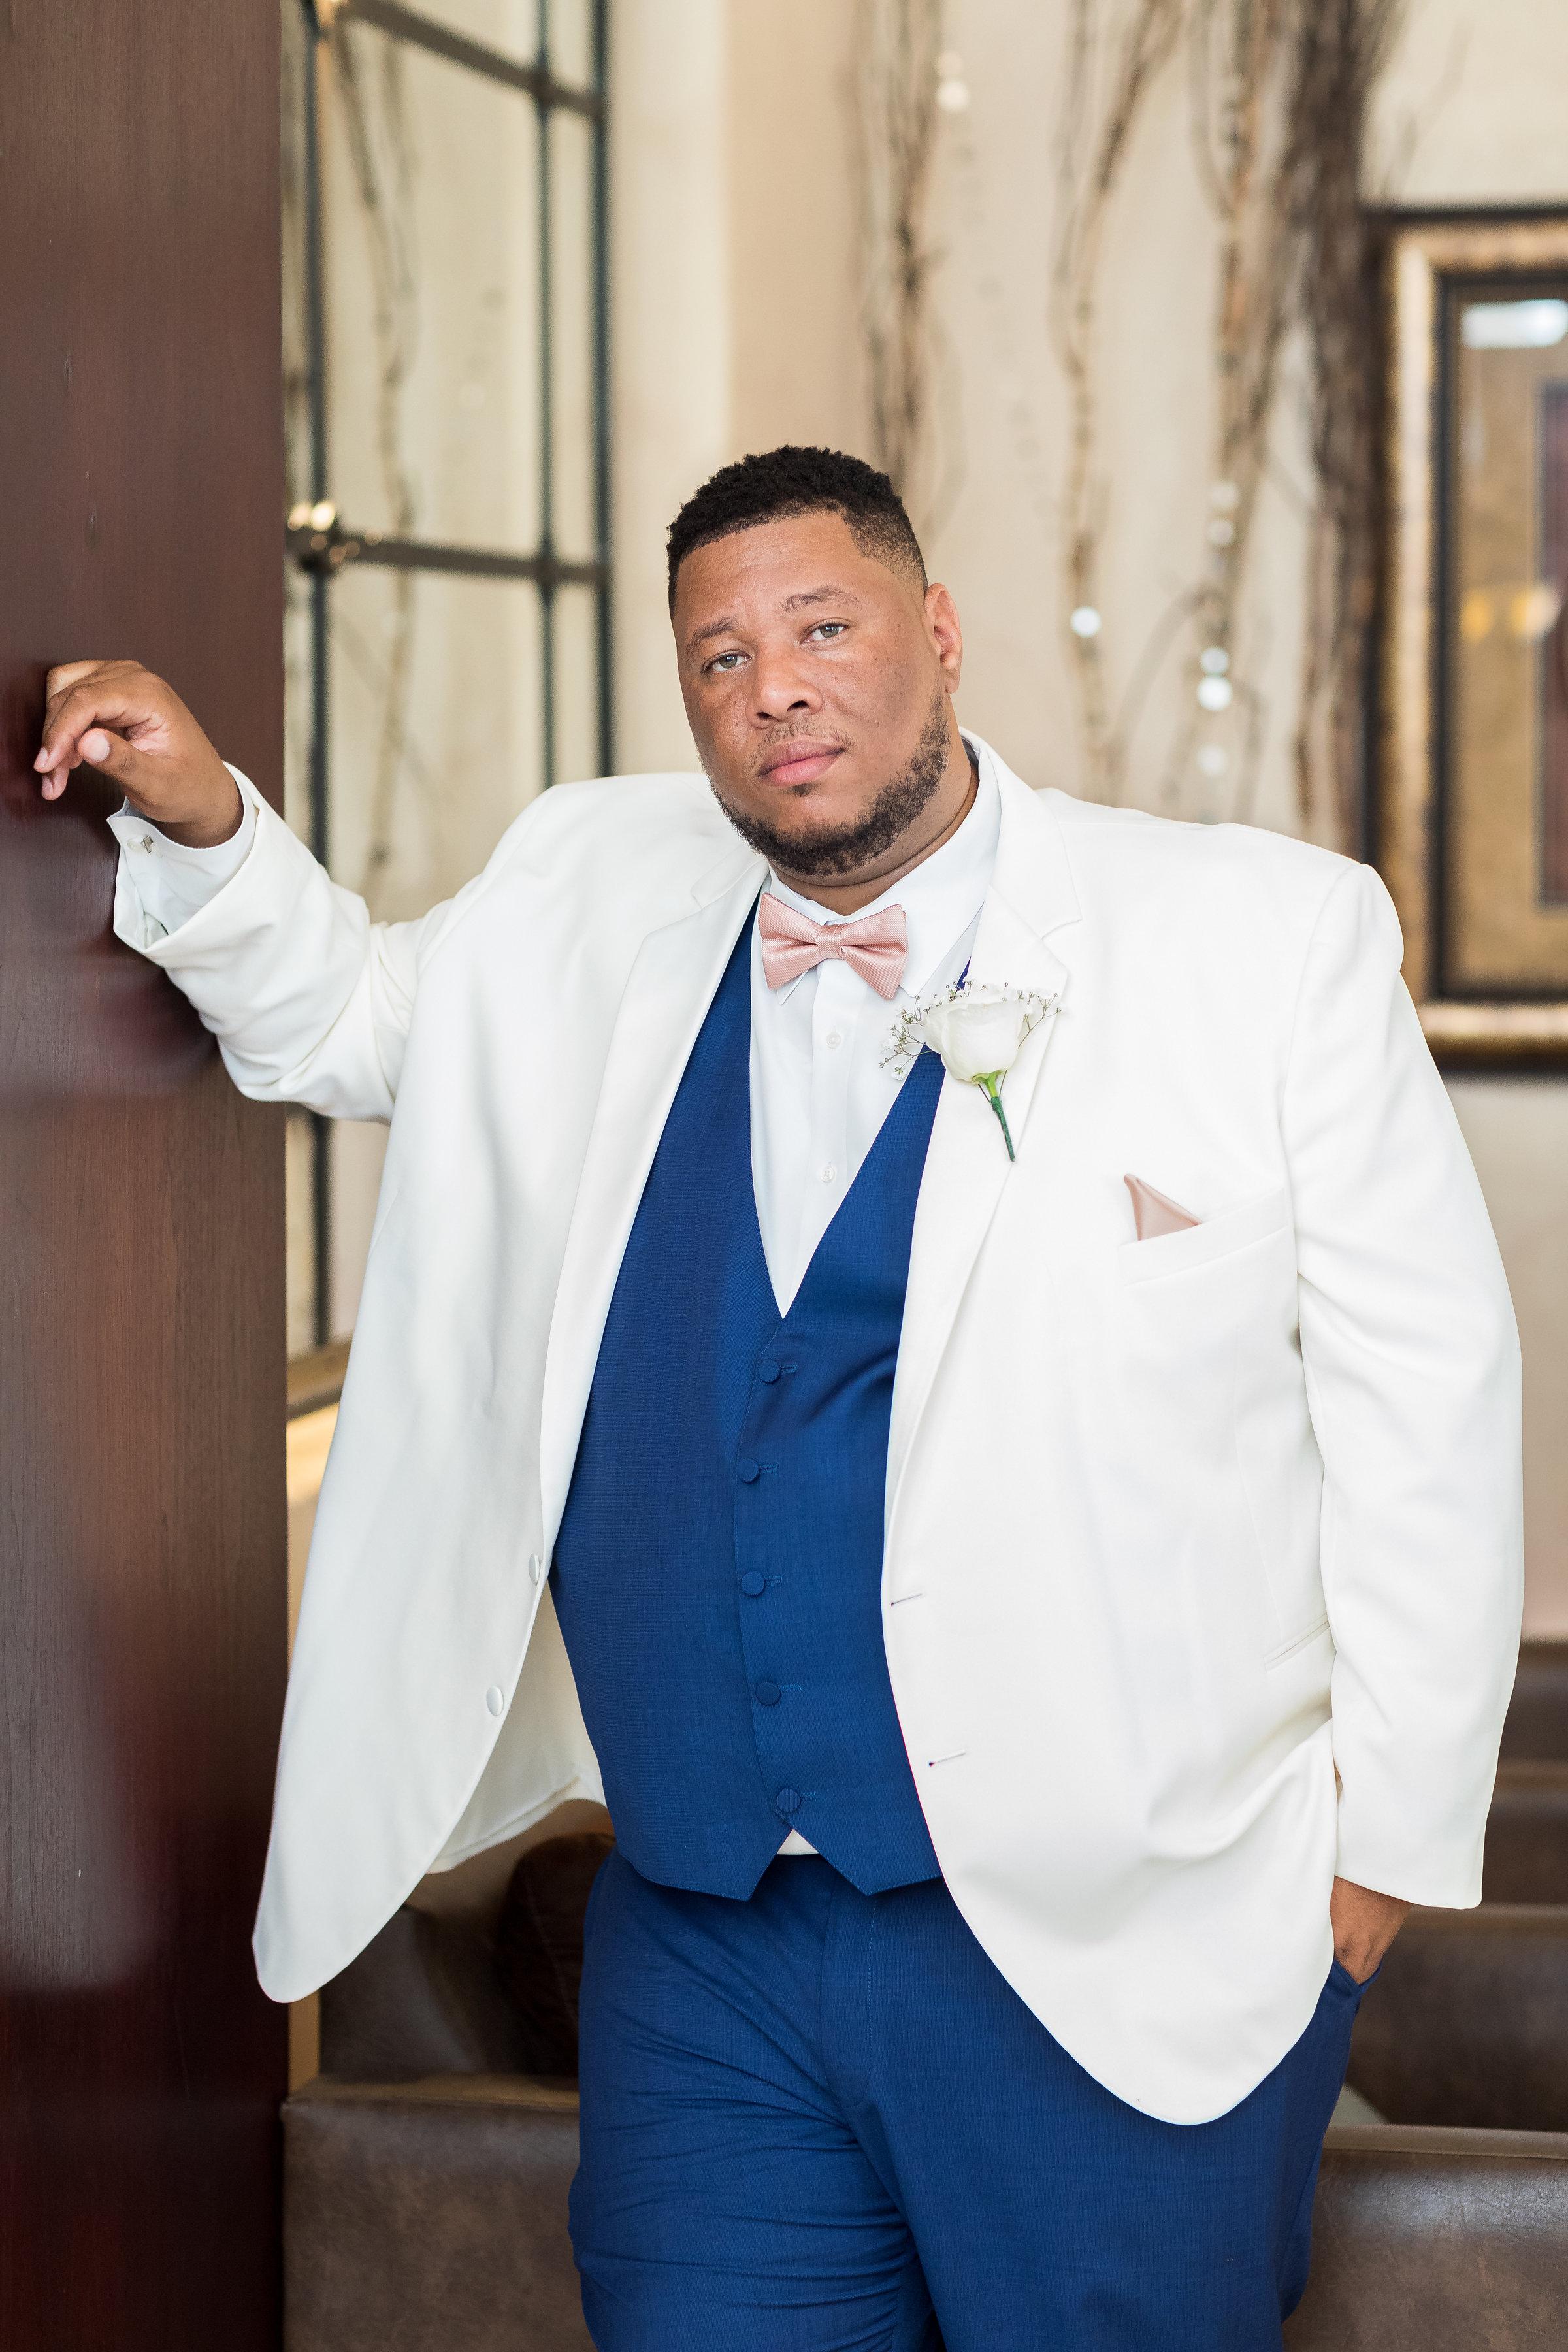 ! Stylish Groom in a White Tuxedo Jacket with a Blue Vest LA Weddings.jpg